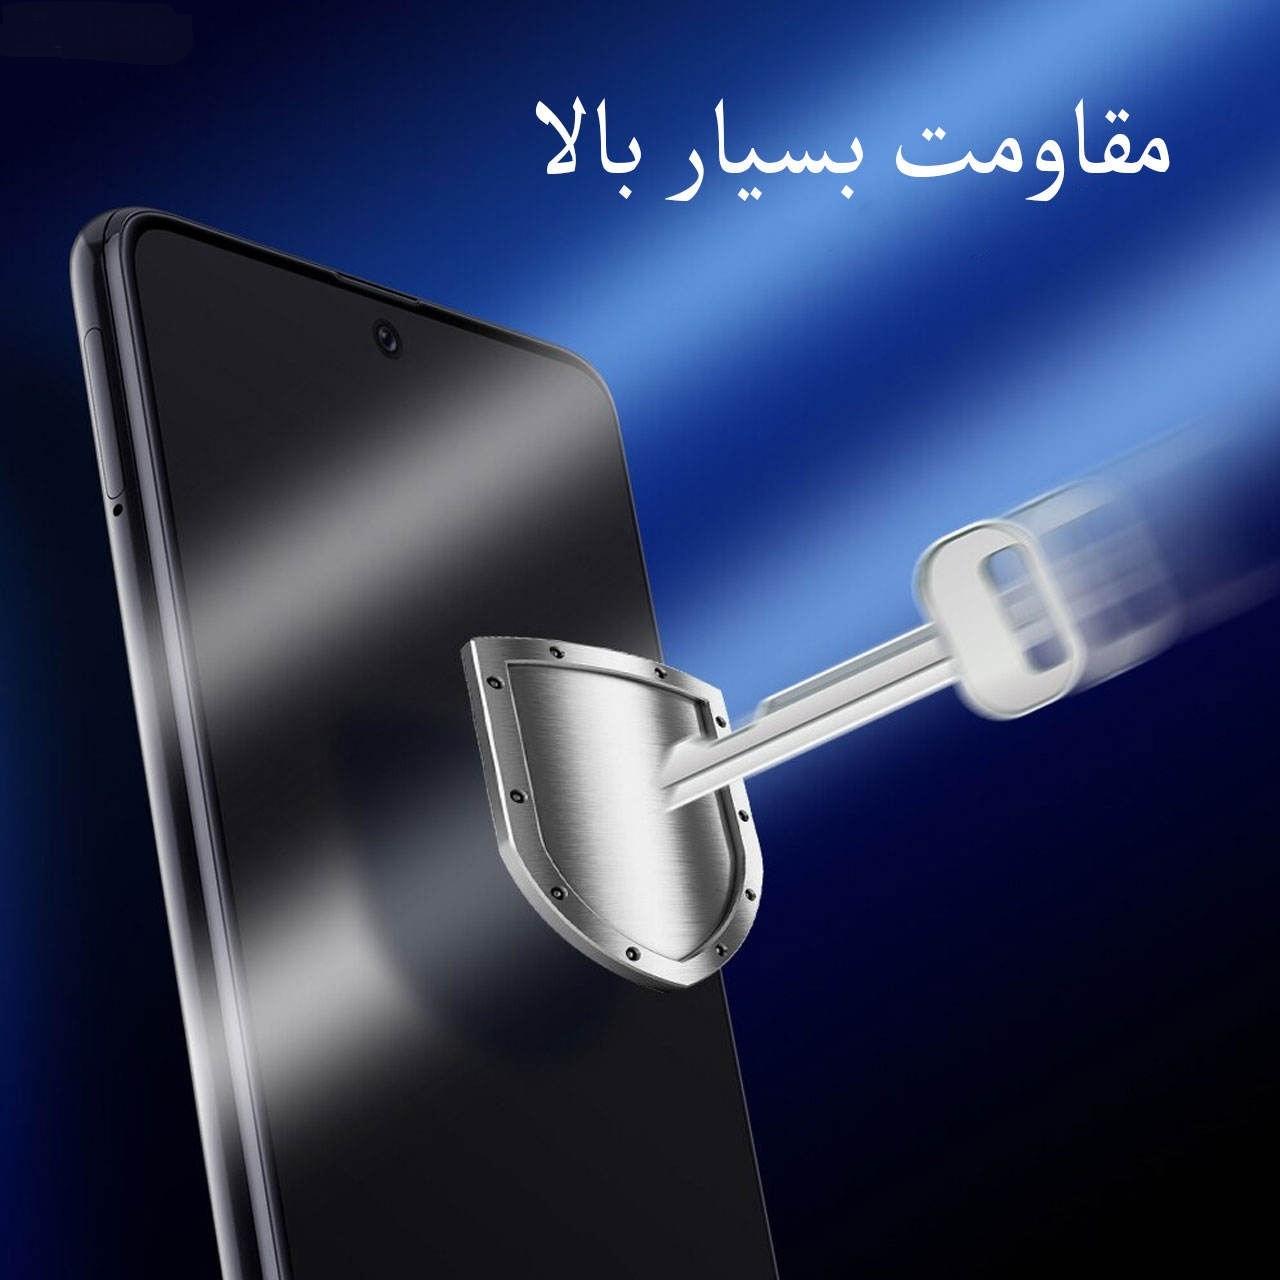 محافظ صفحه نمایش مات مدل AMAZING مناسب برای گوشی موبایل هوآوی P30 LITE